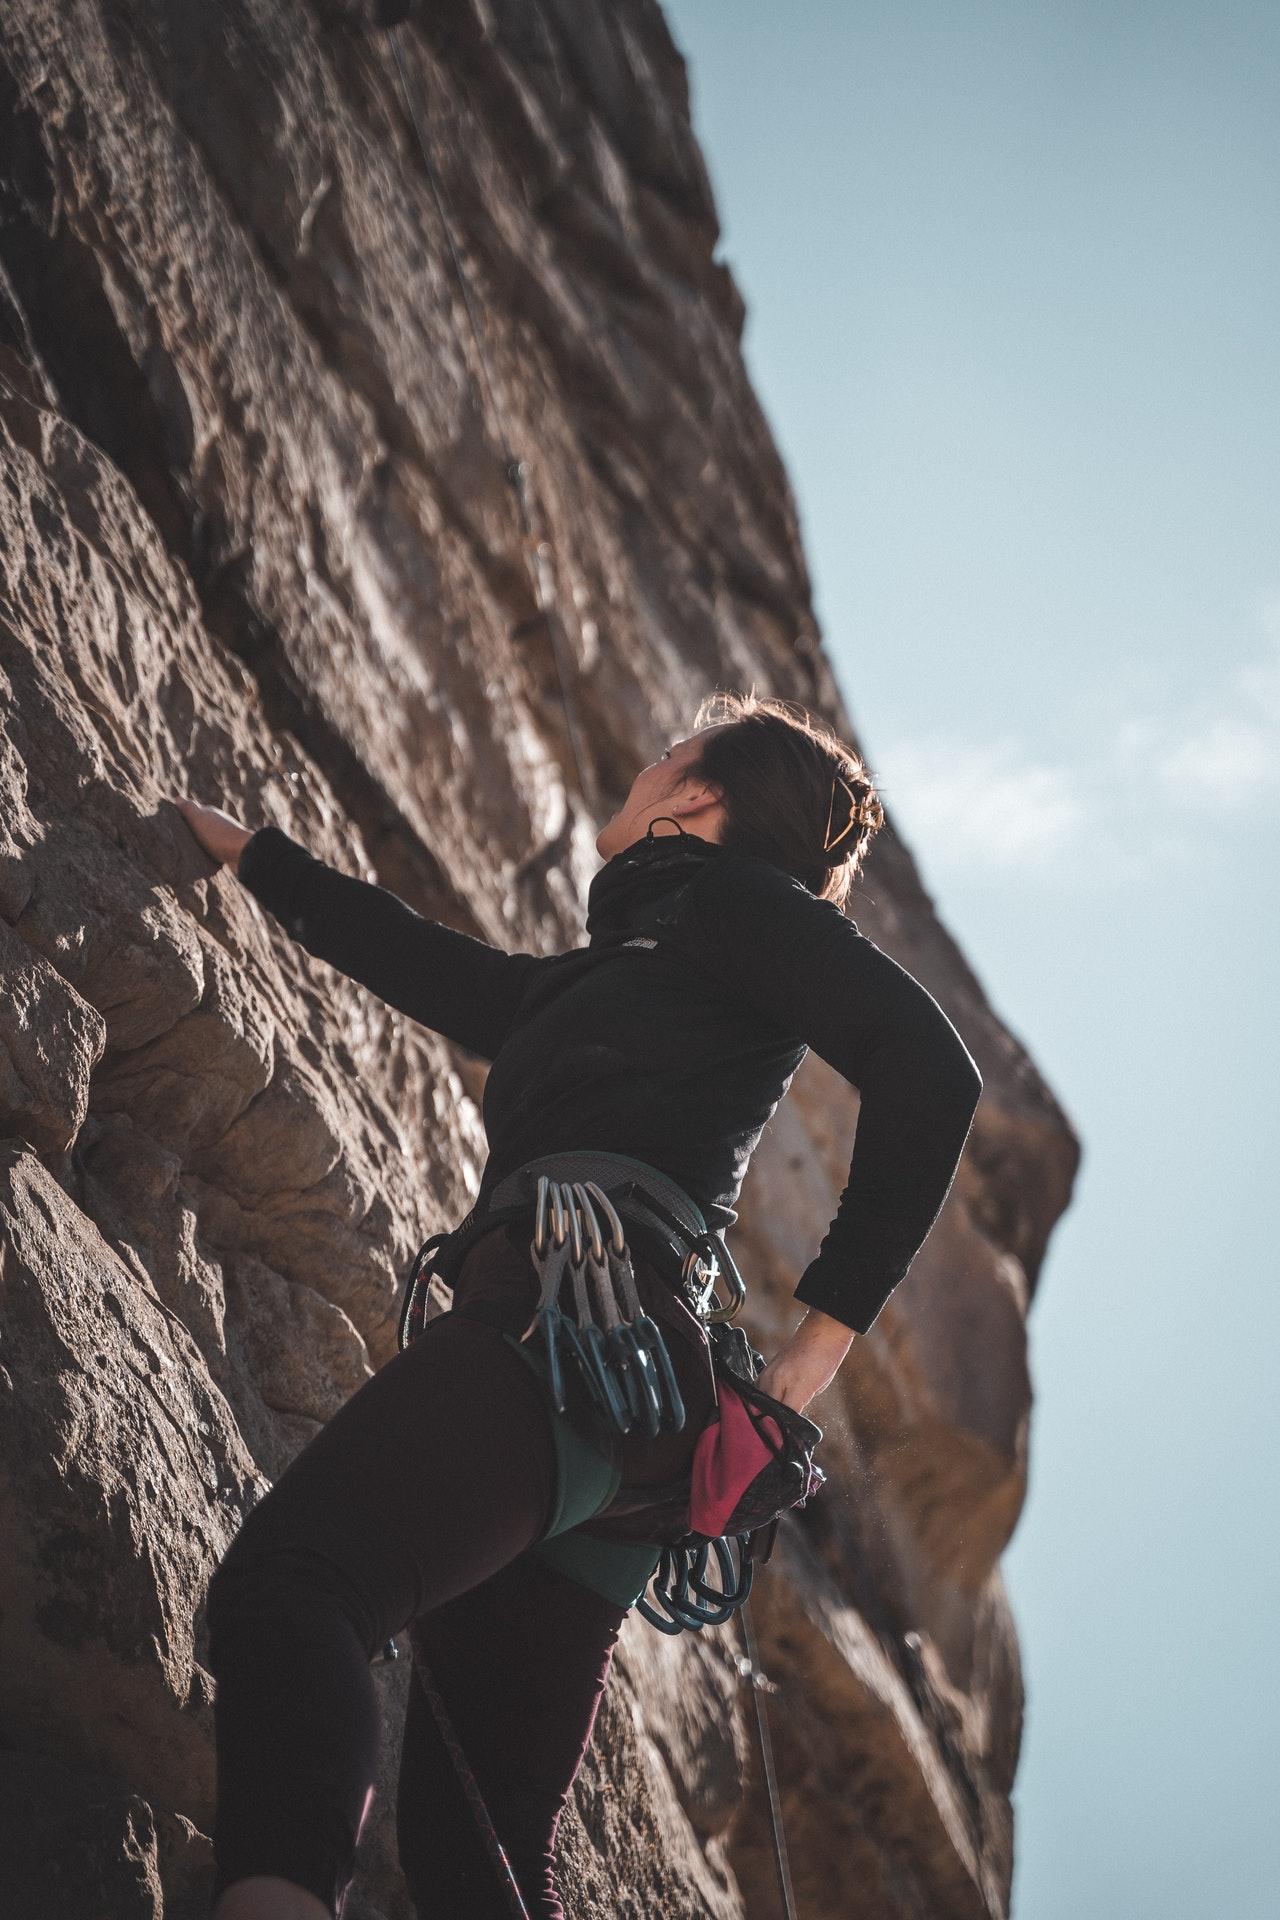 chica empleando técnicas de escalada